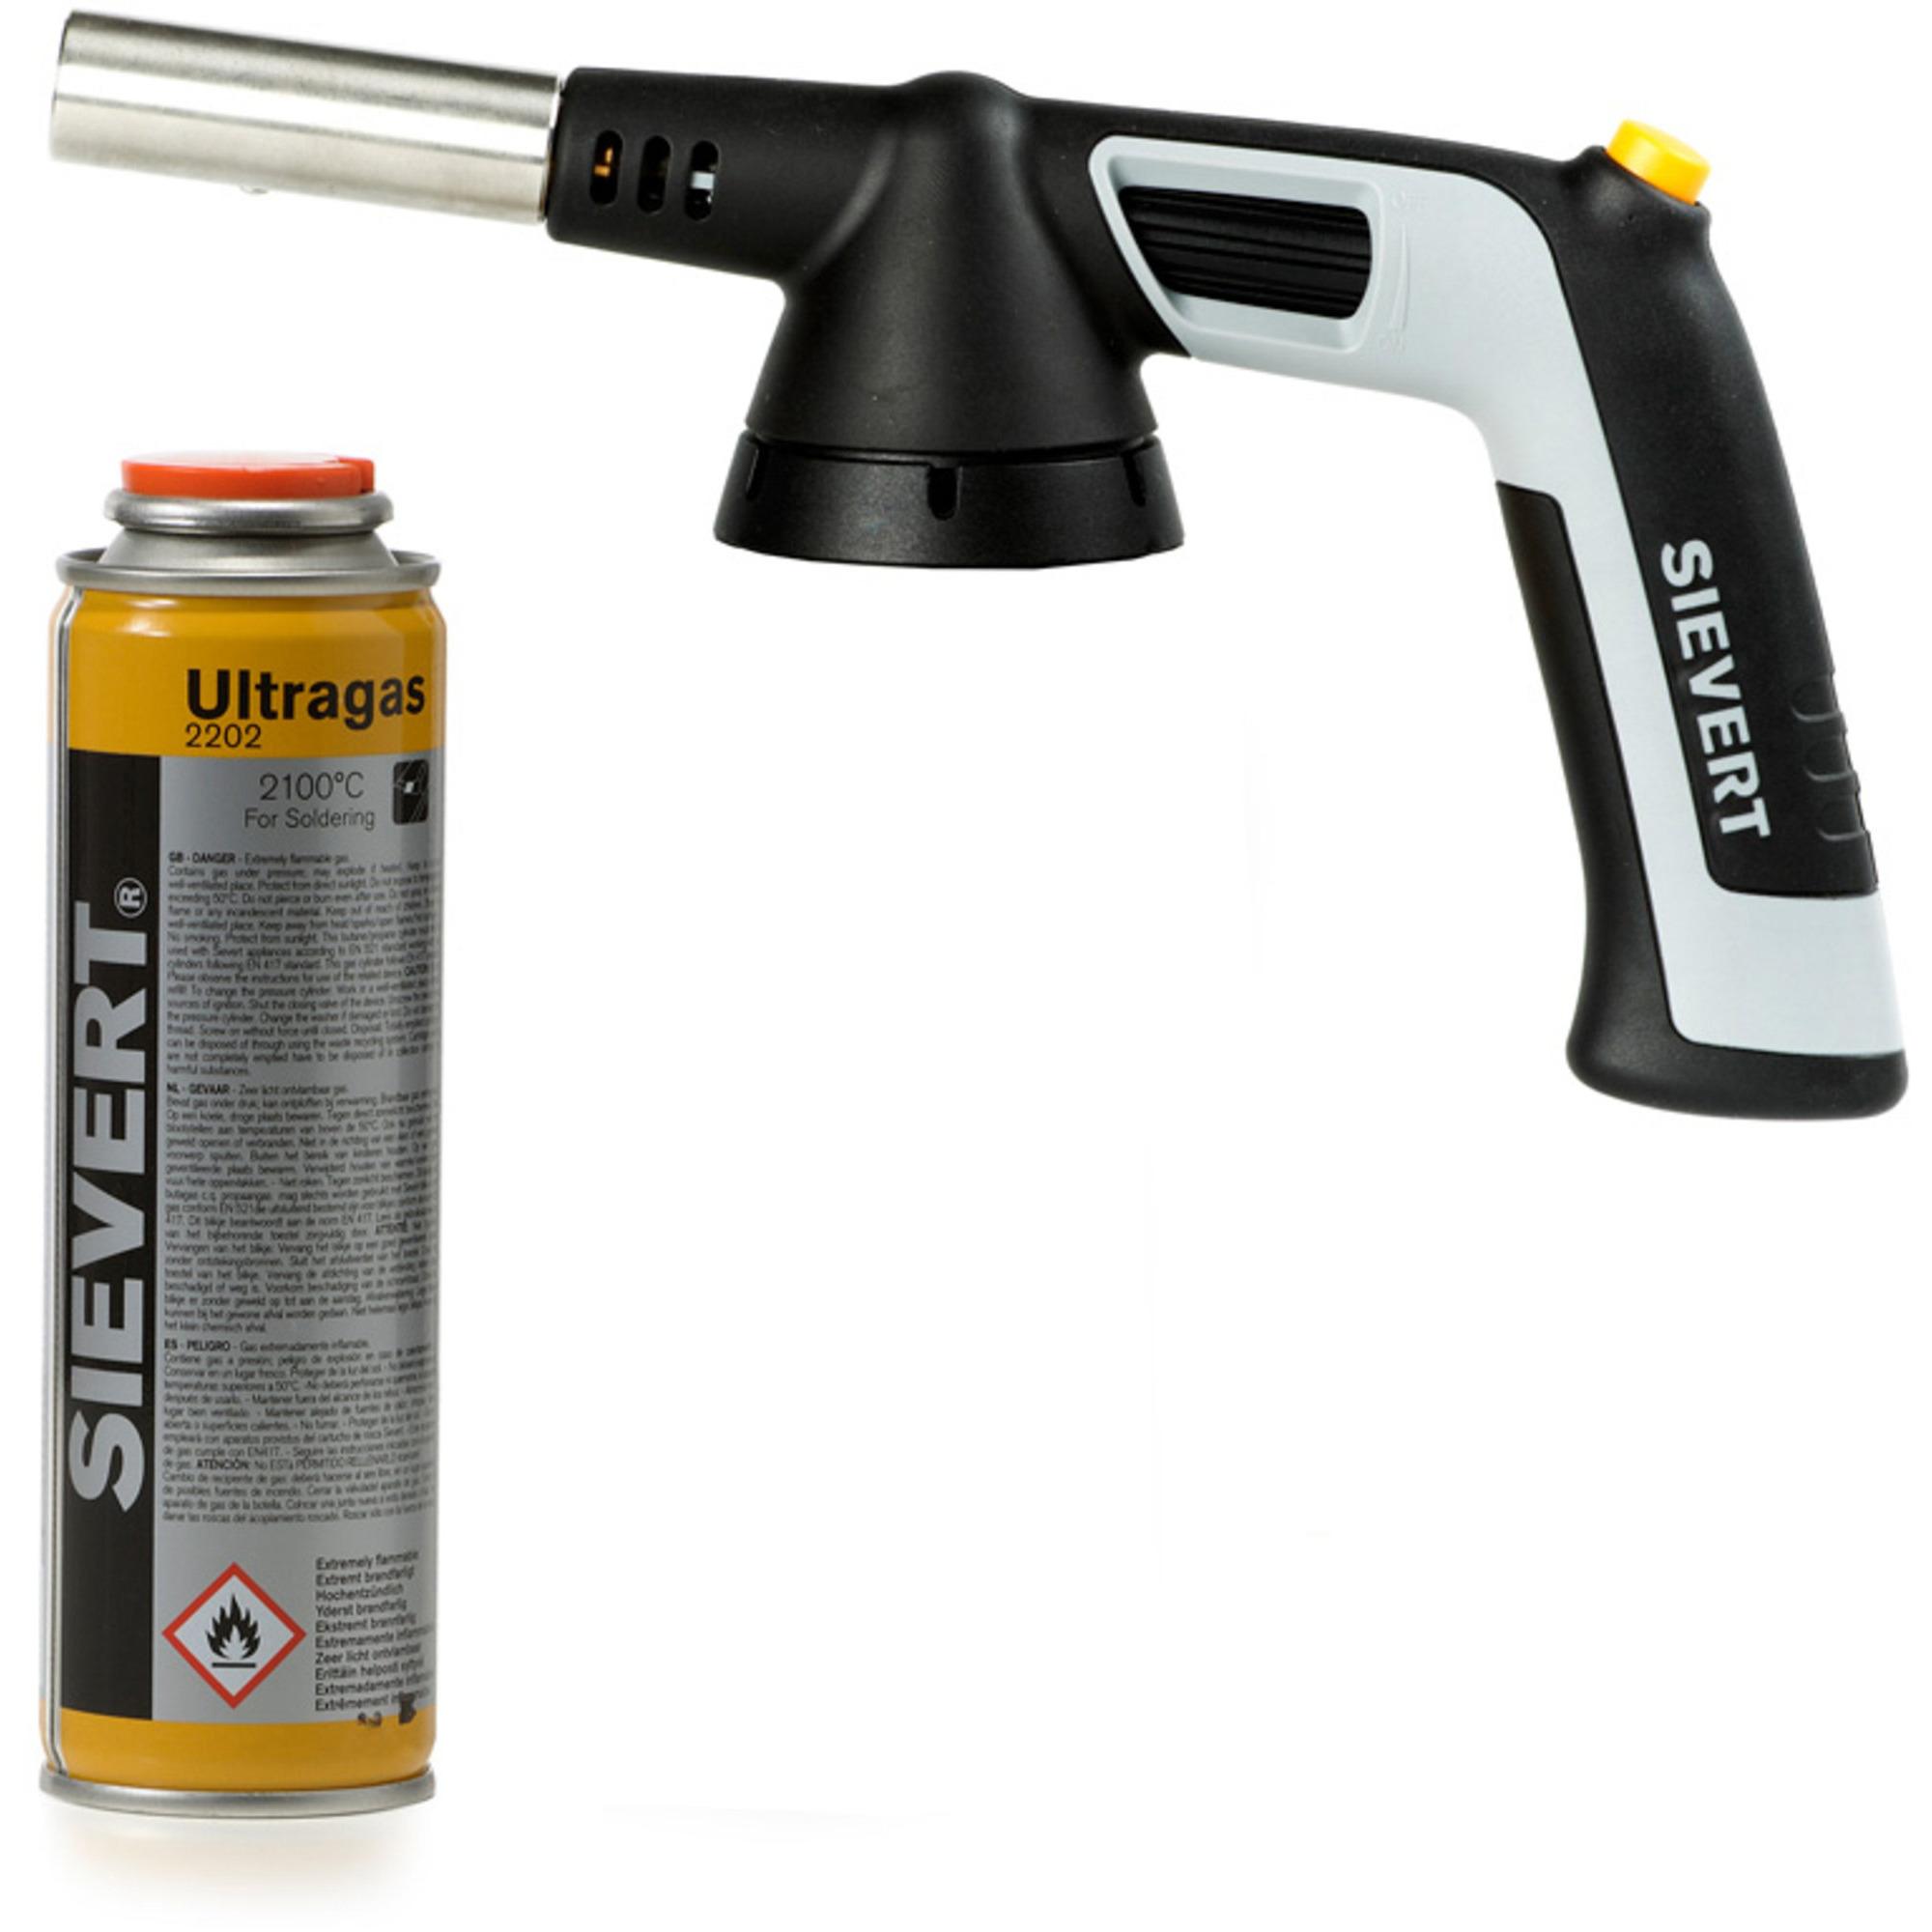 Sievert Handyjet Gasbrännare + UltragasGasflaska 110 ml